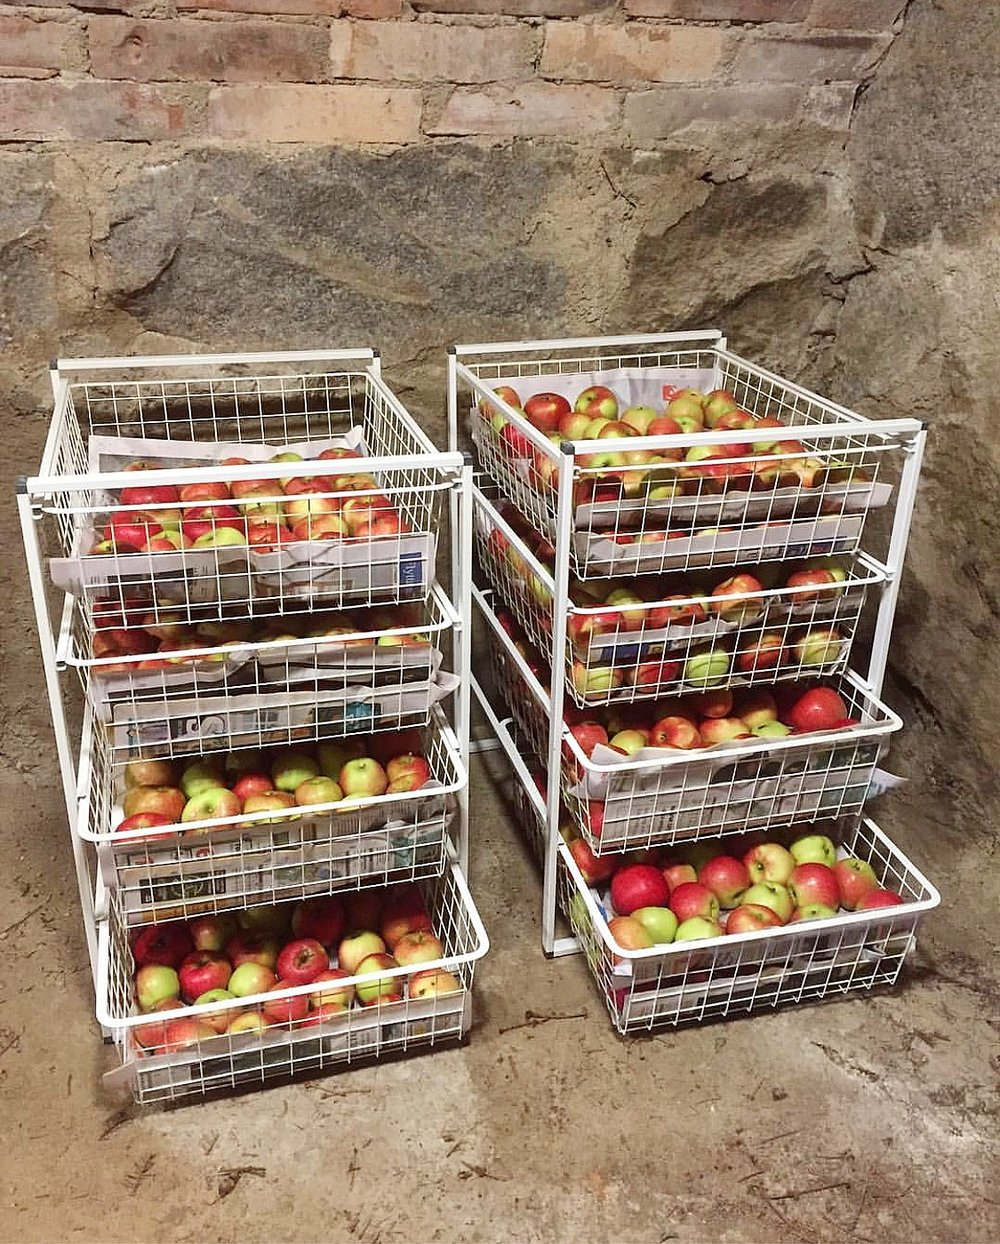 Smart förvaring av äpplen i trådbackar. Av  @eberving